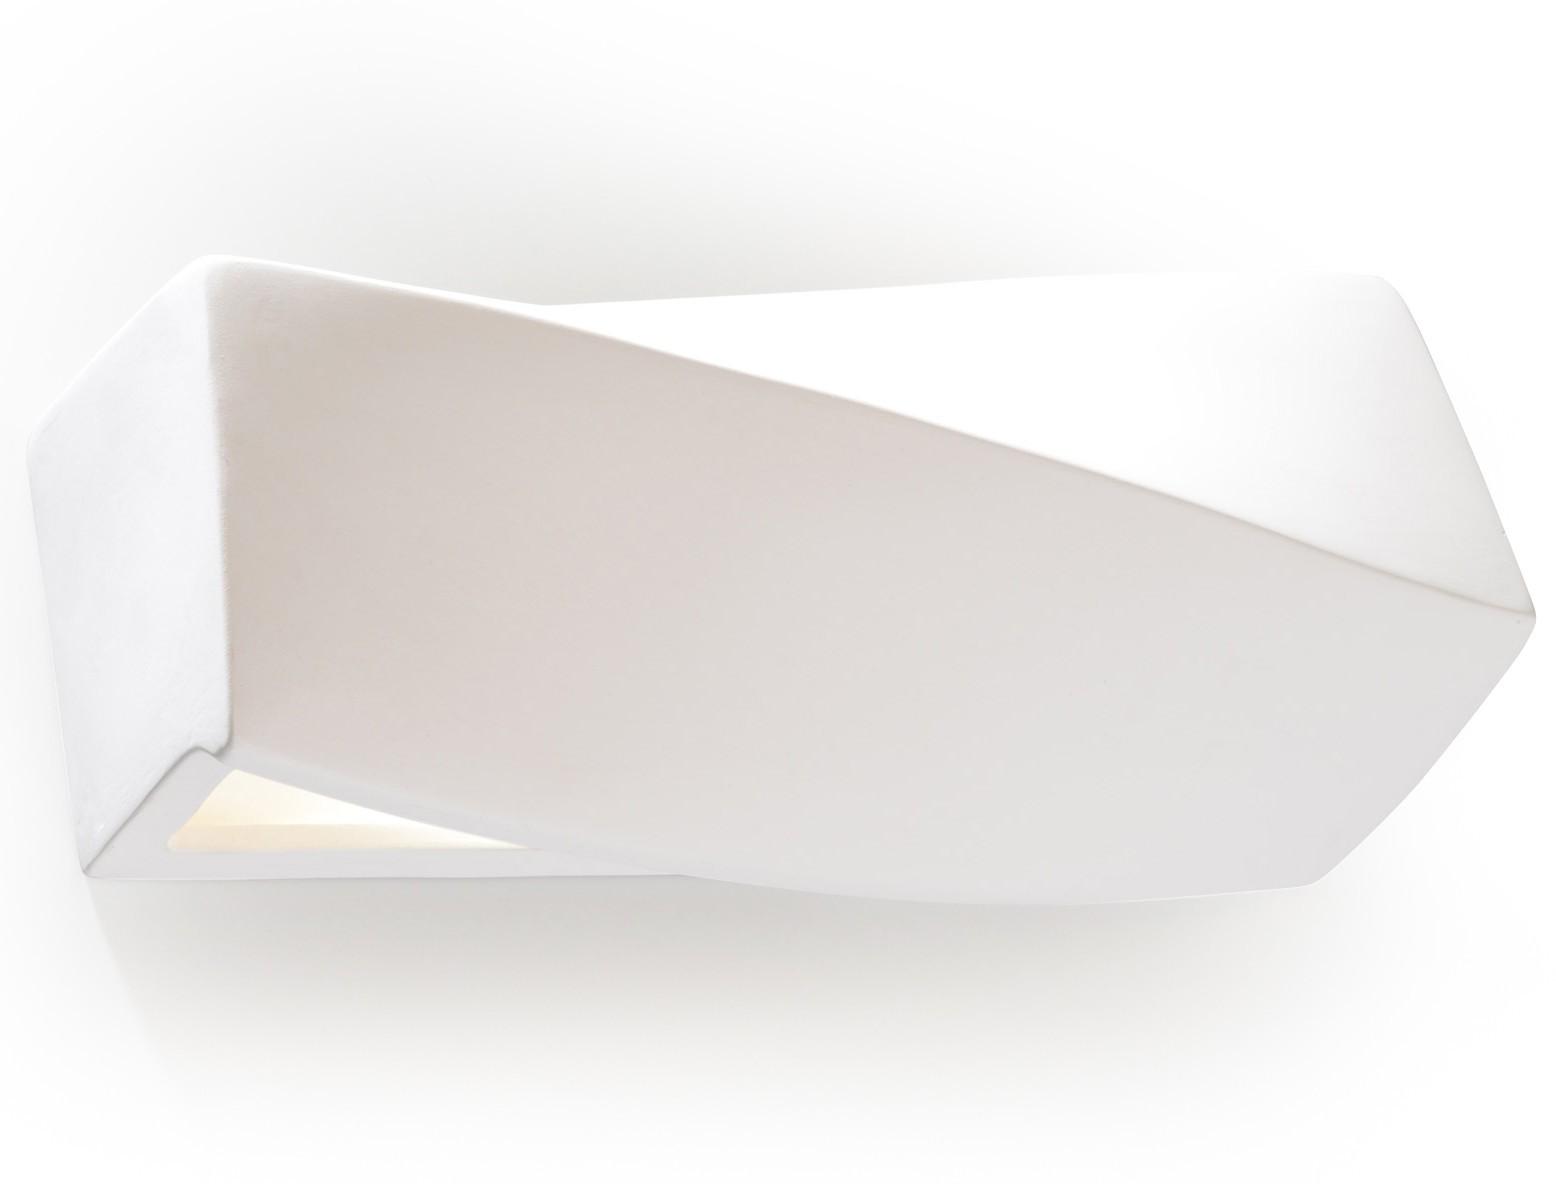 Kinkiet Ceramiczny SIGMA MINI - Sollux